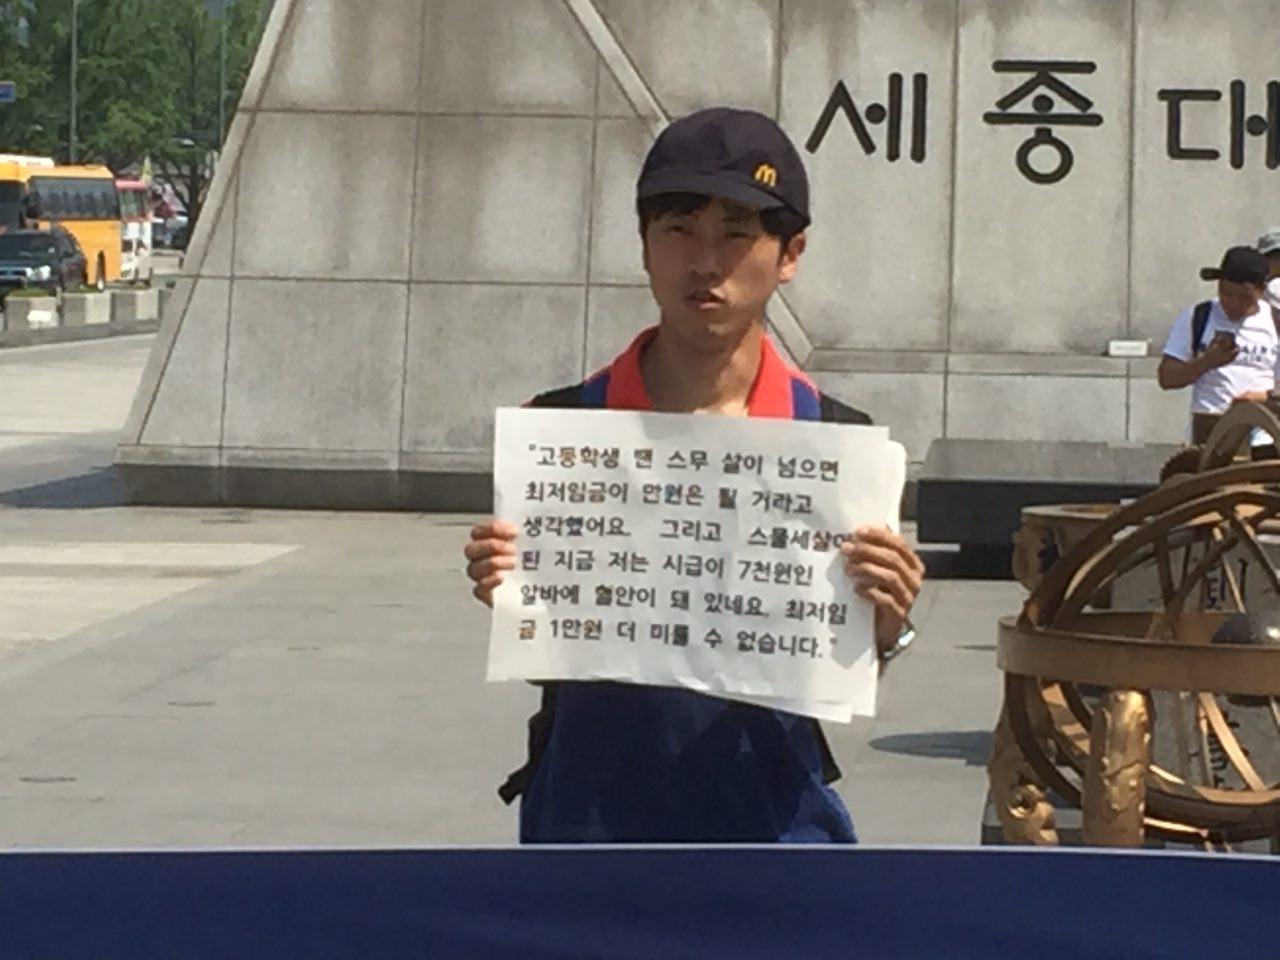 현직 맥도날드 노동자 박준규 알바노조 조합원